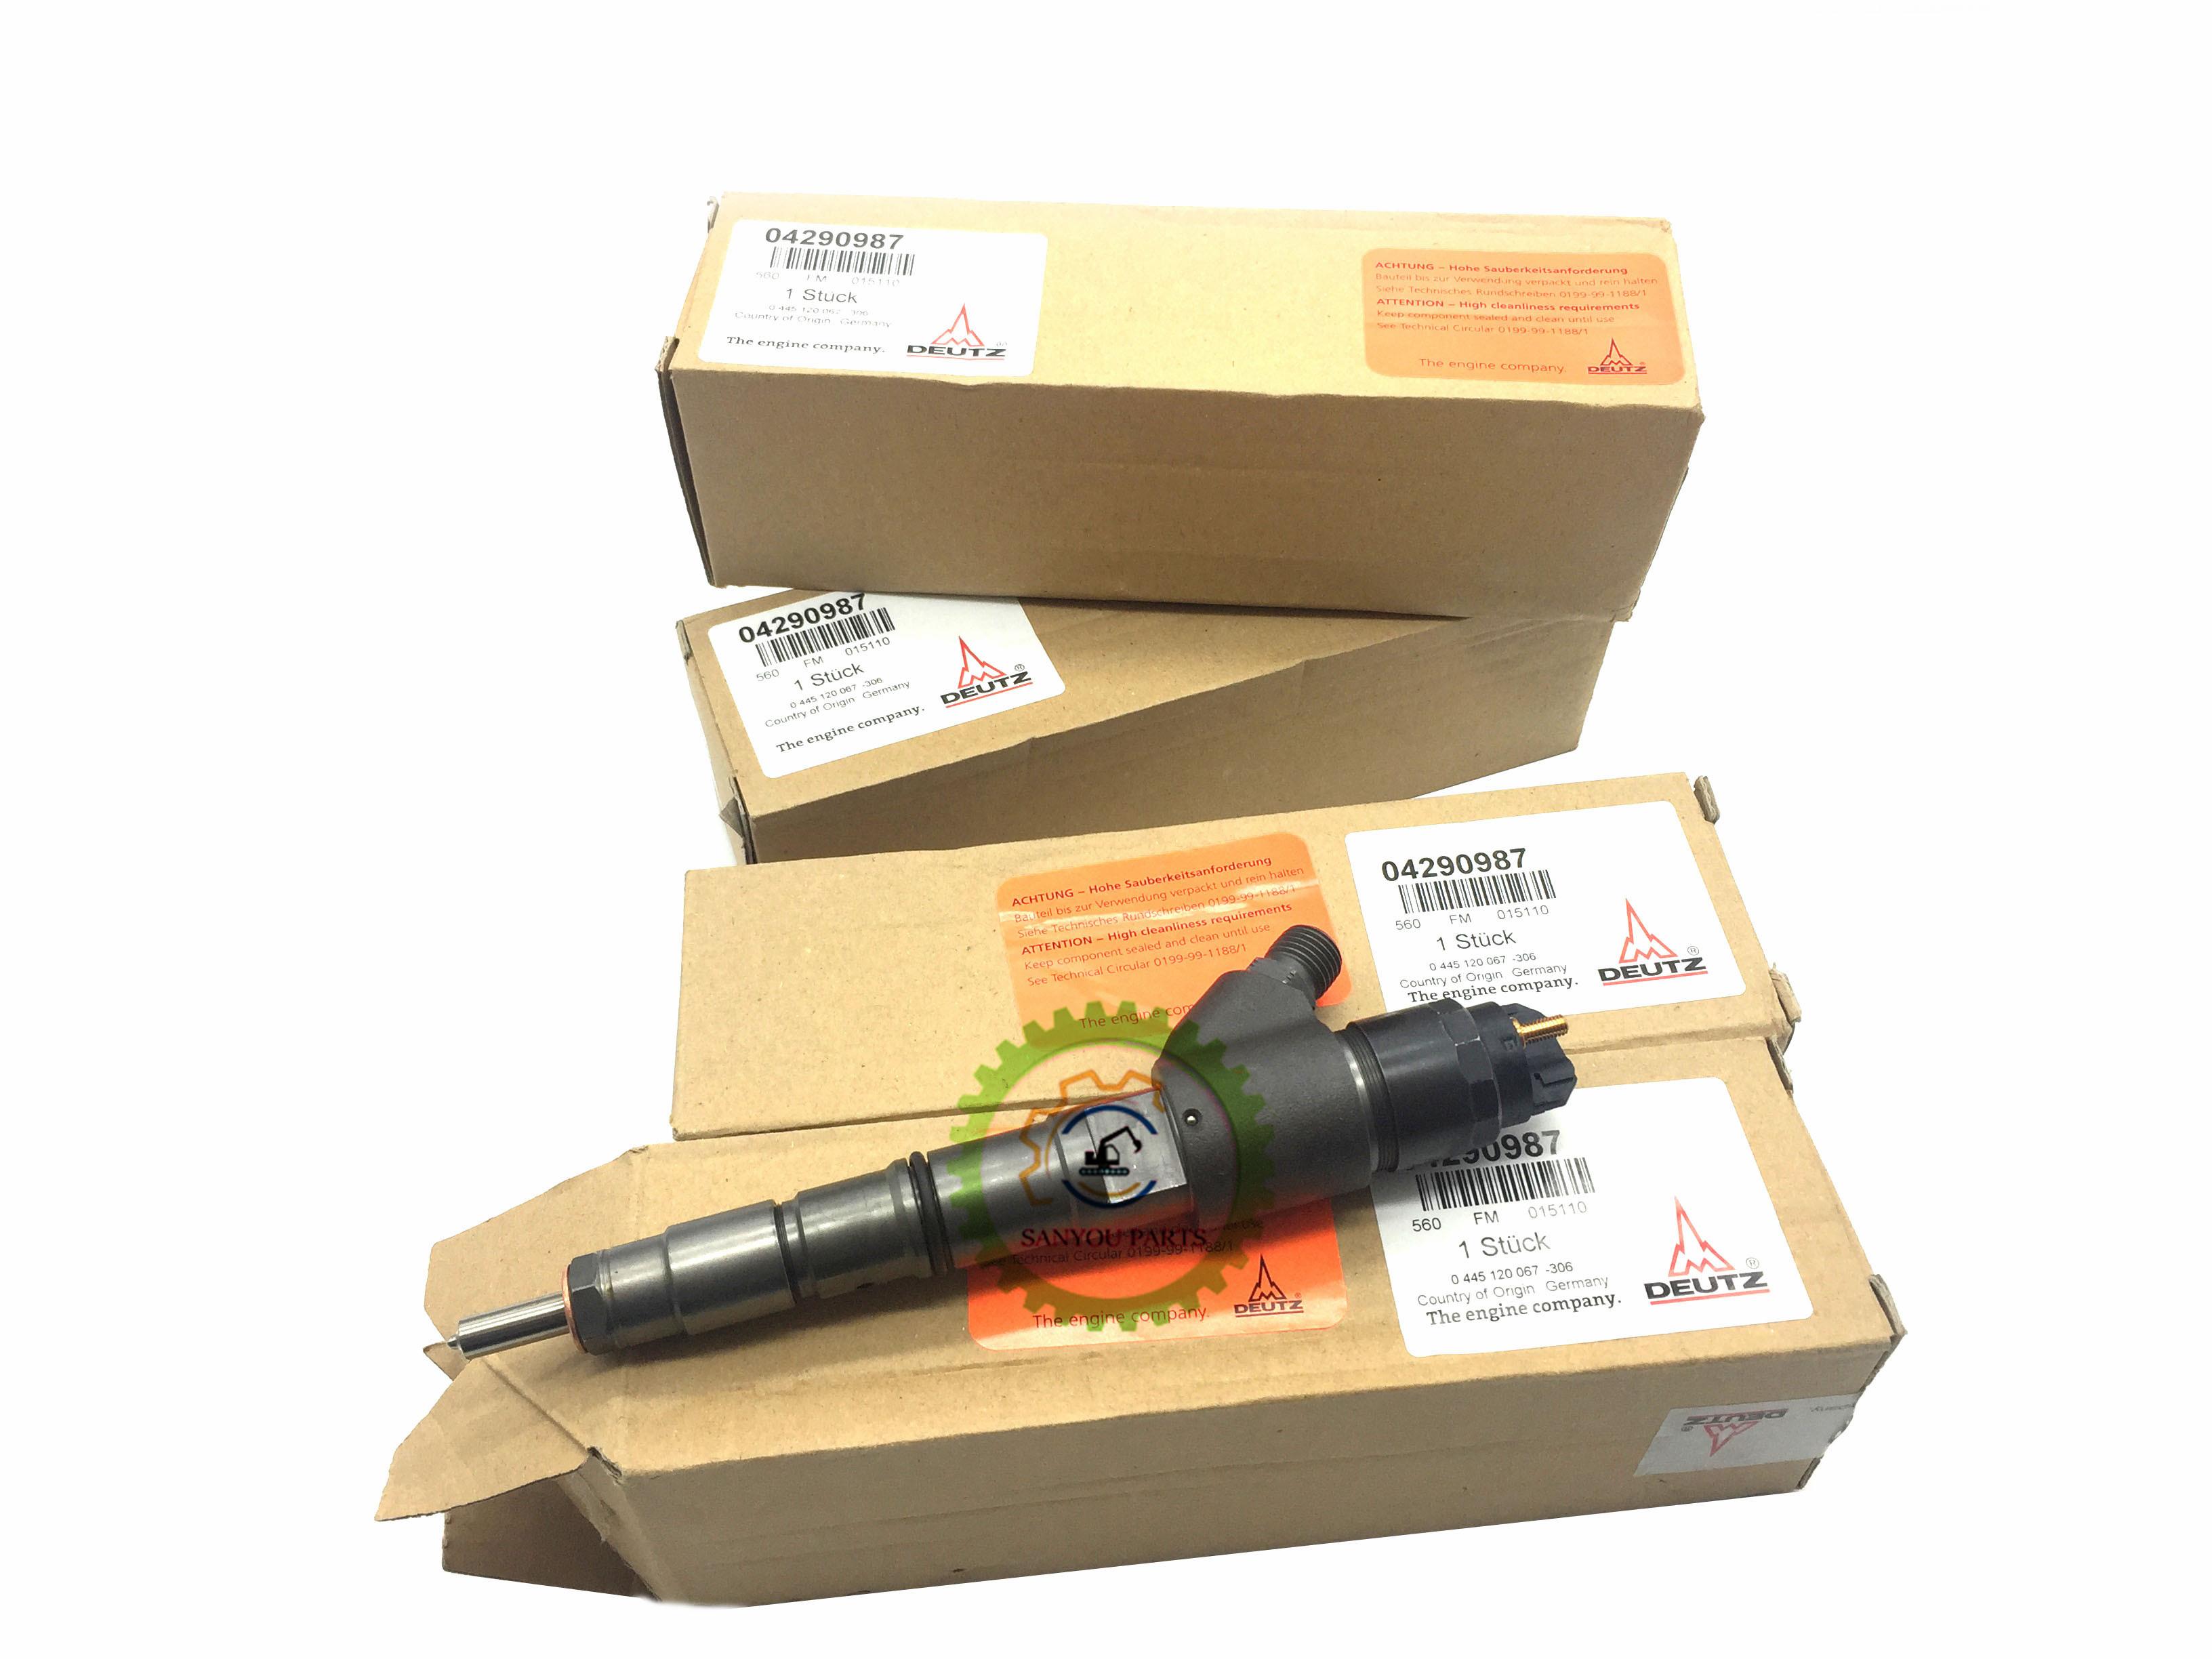 NC FJ10 EC210 fuel injector 04290987 - Home